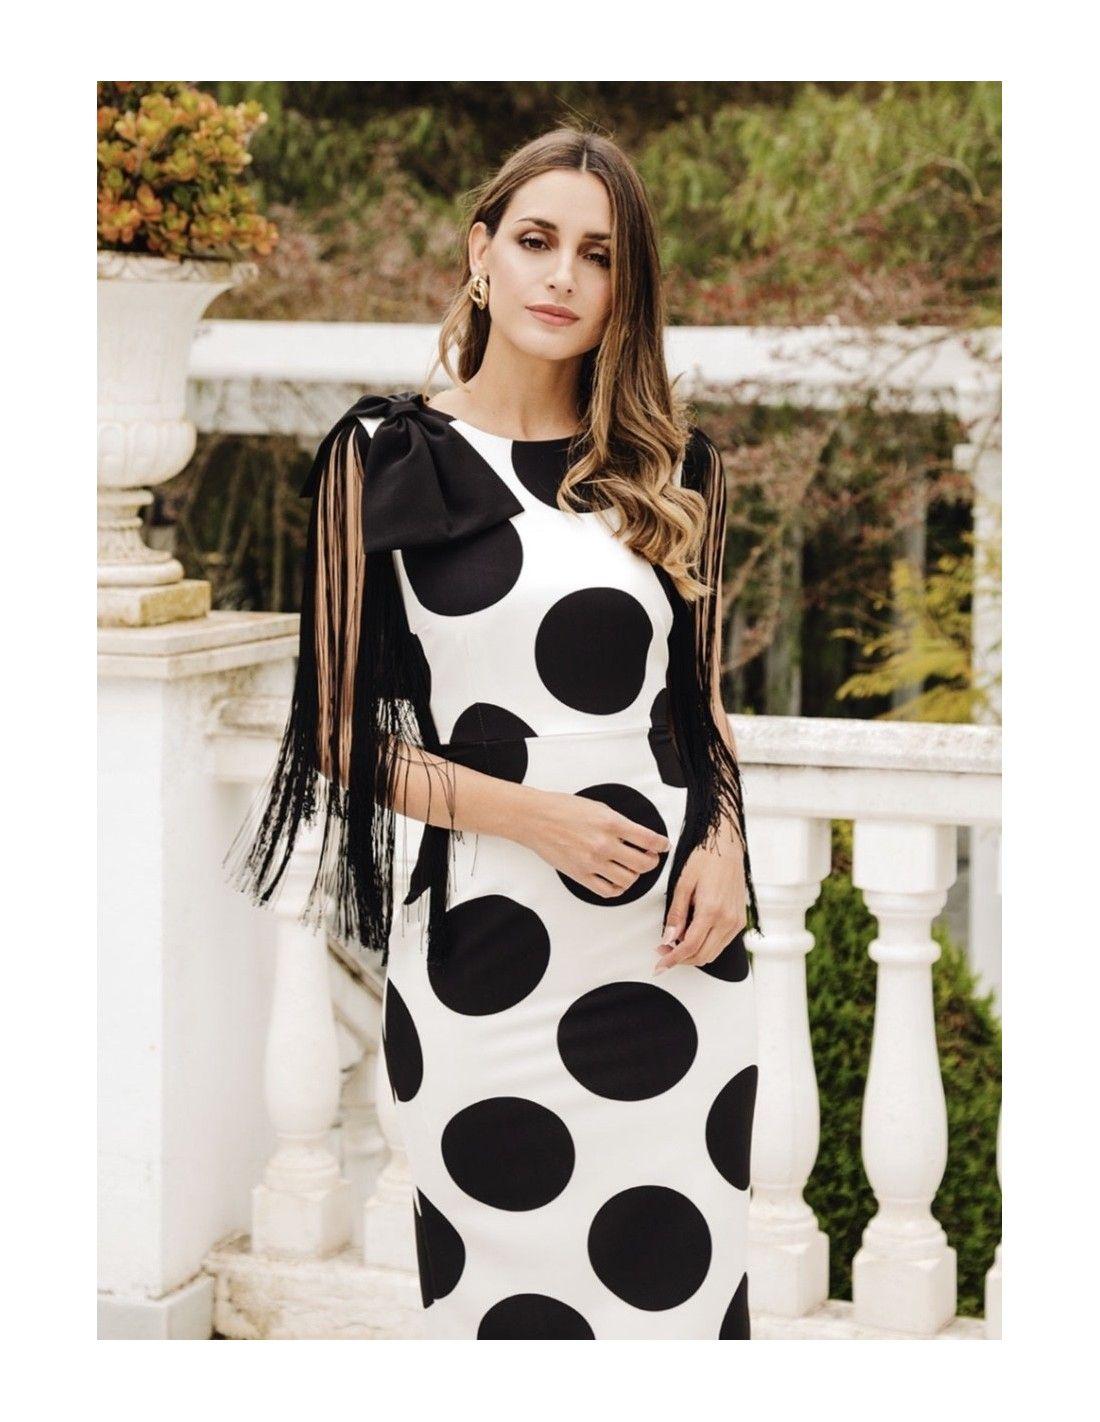 b96c332c94 Vestido Alanis Topos - Vestido de corte midi color blanco con lunares en  negro muy de